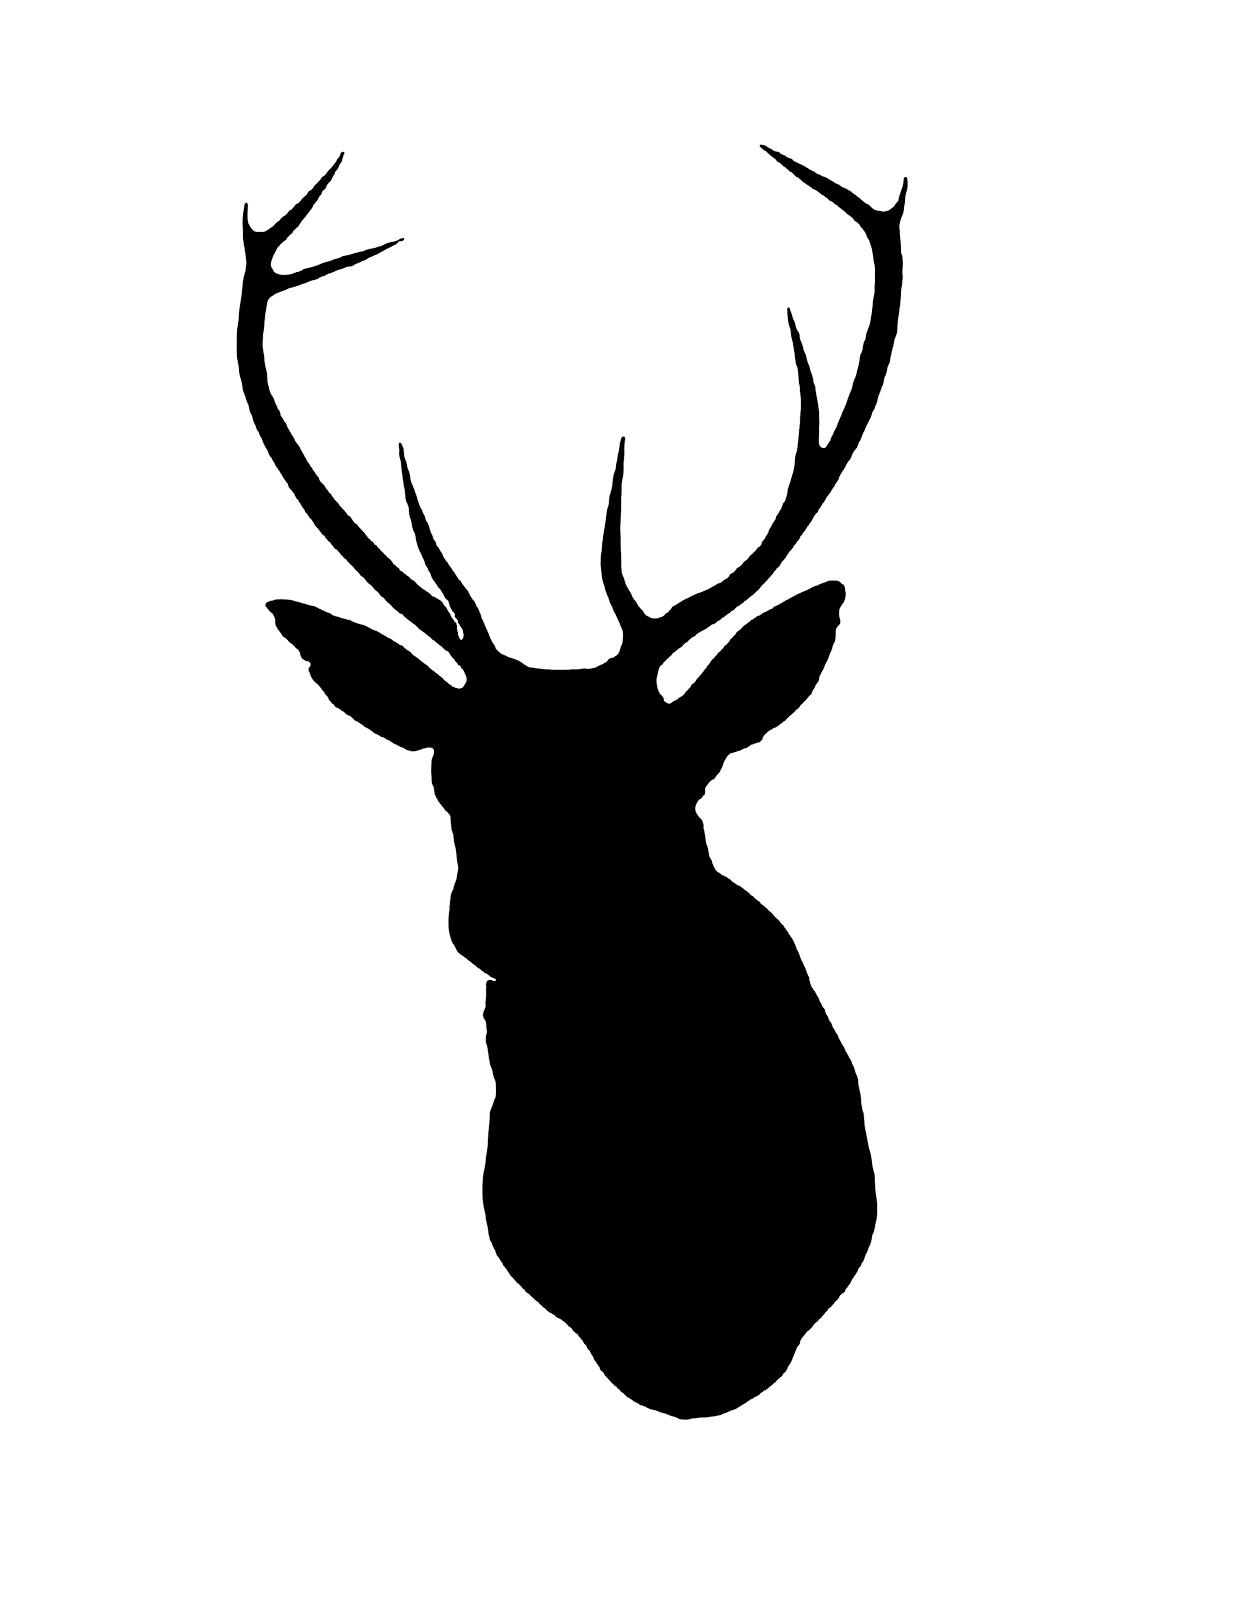 1236x1600 Deer Head Silhouette